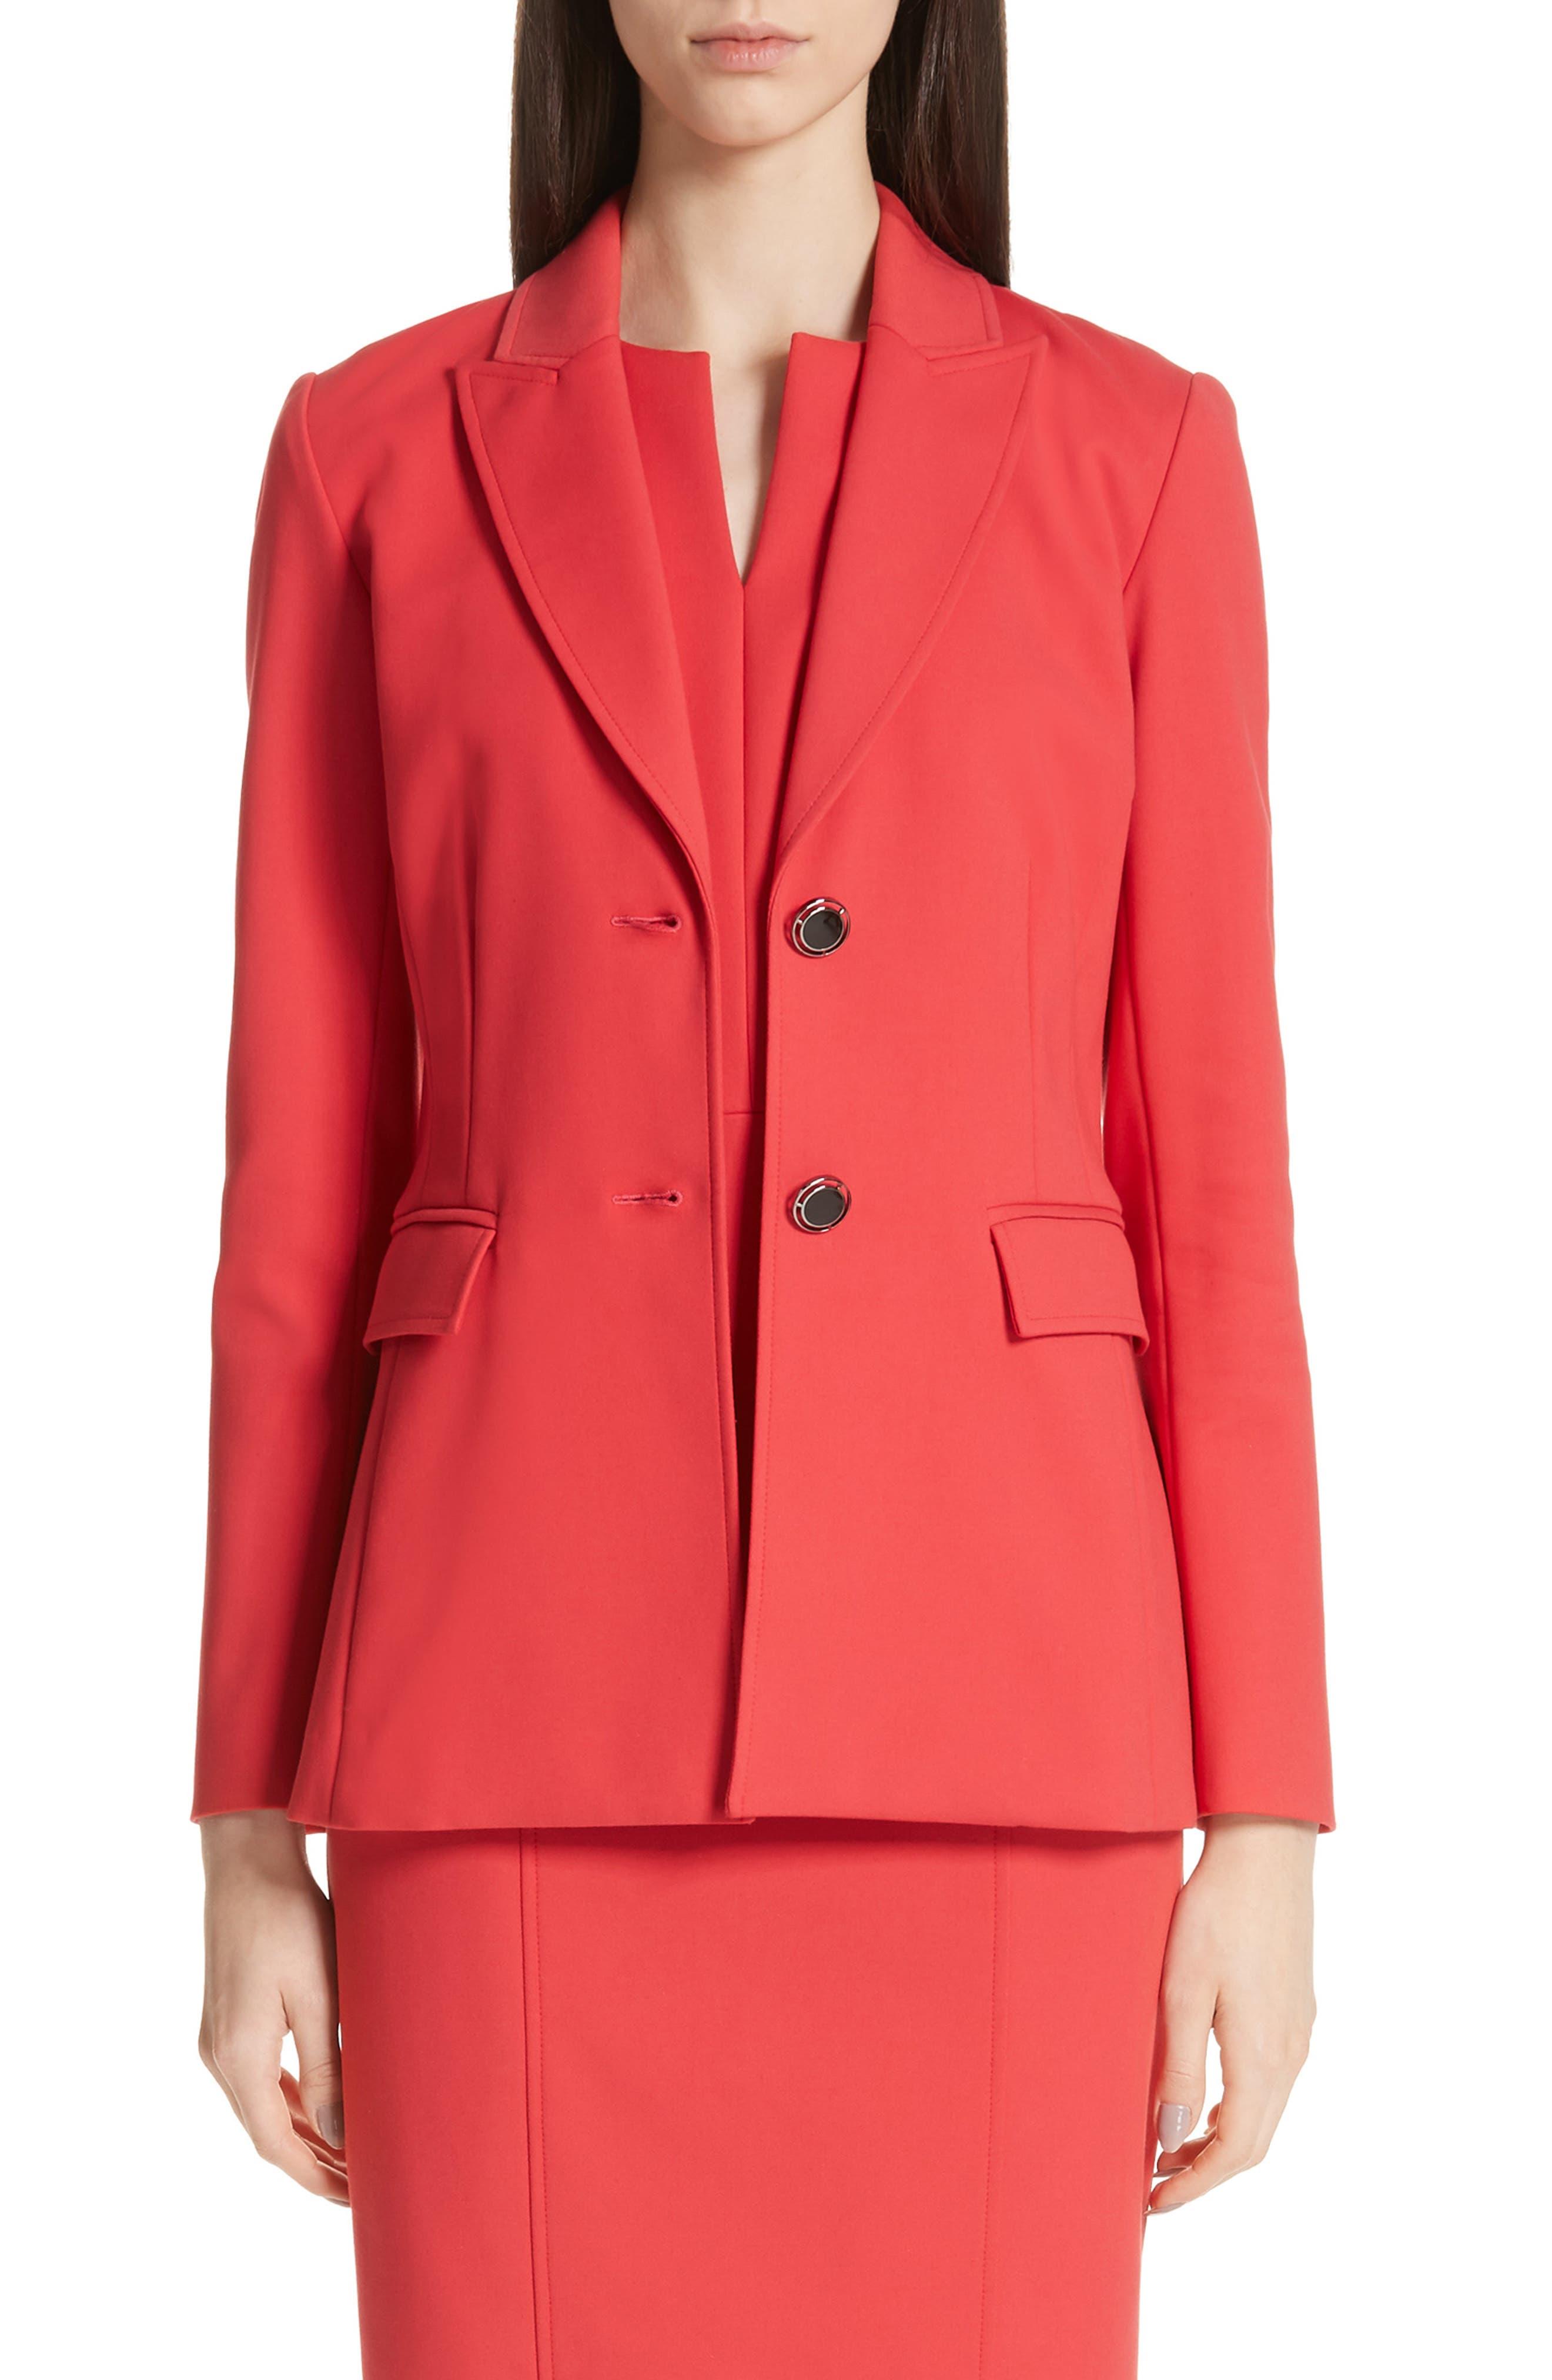 Stretch Double Weave Jacket, Main, color, CRIMSON